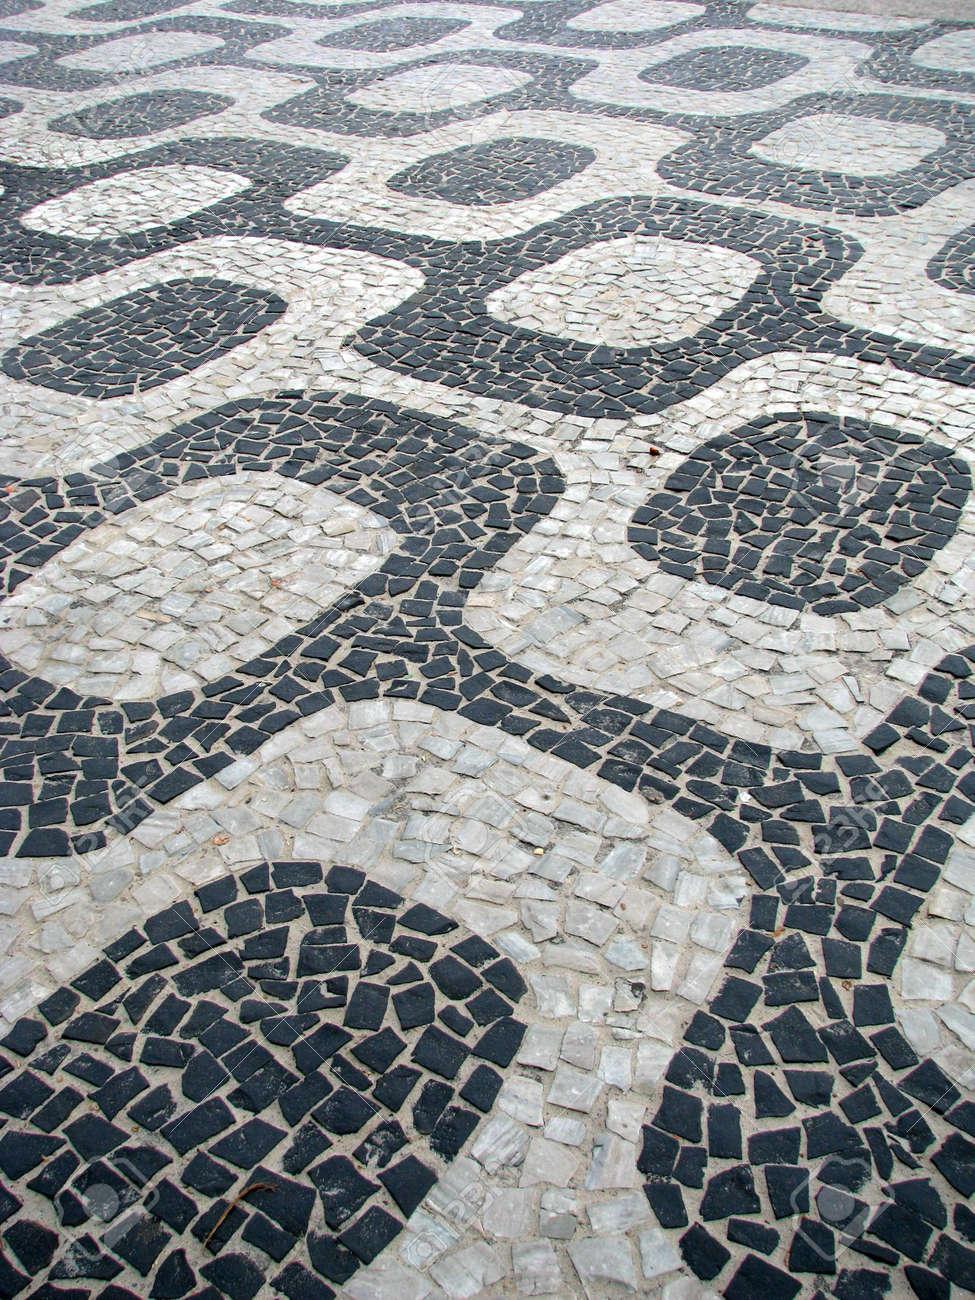 playa de ipanema seawalk famosa piedra de suelos de baldosas ro de janeiro brasil